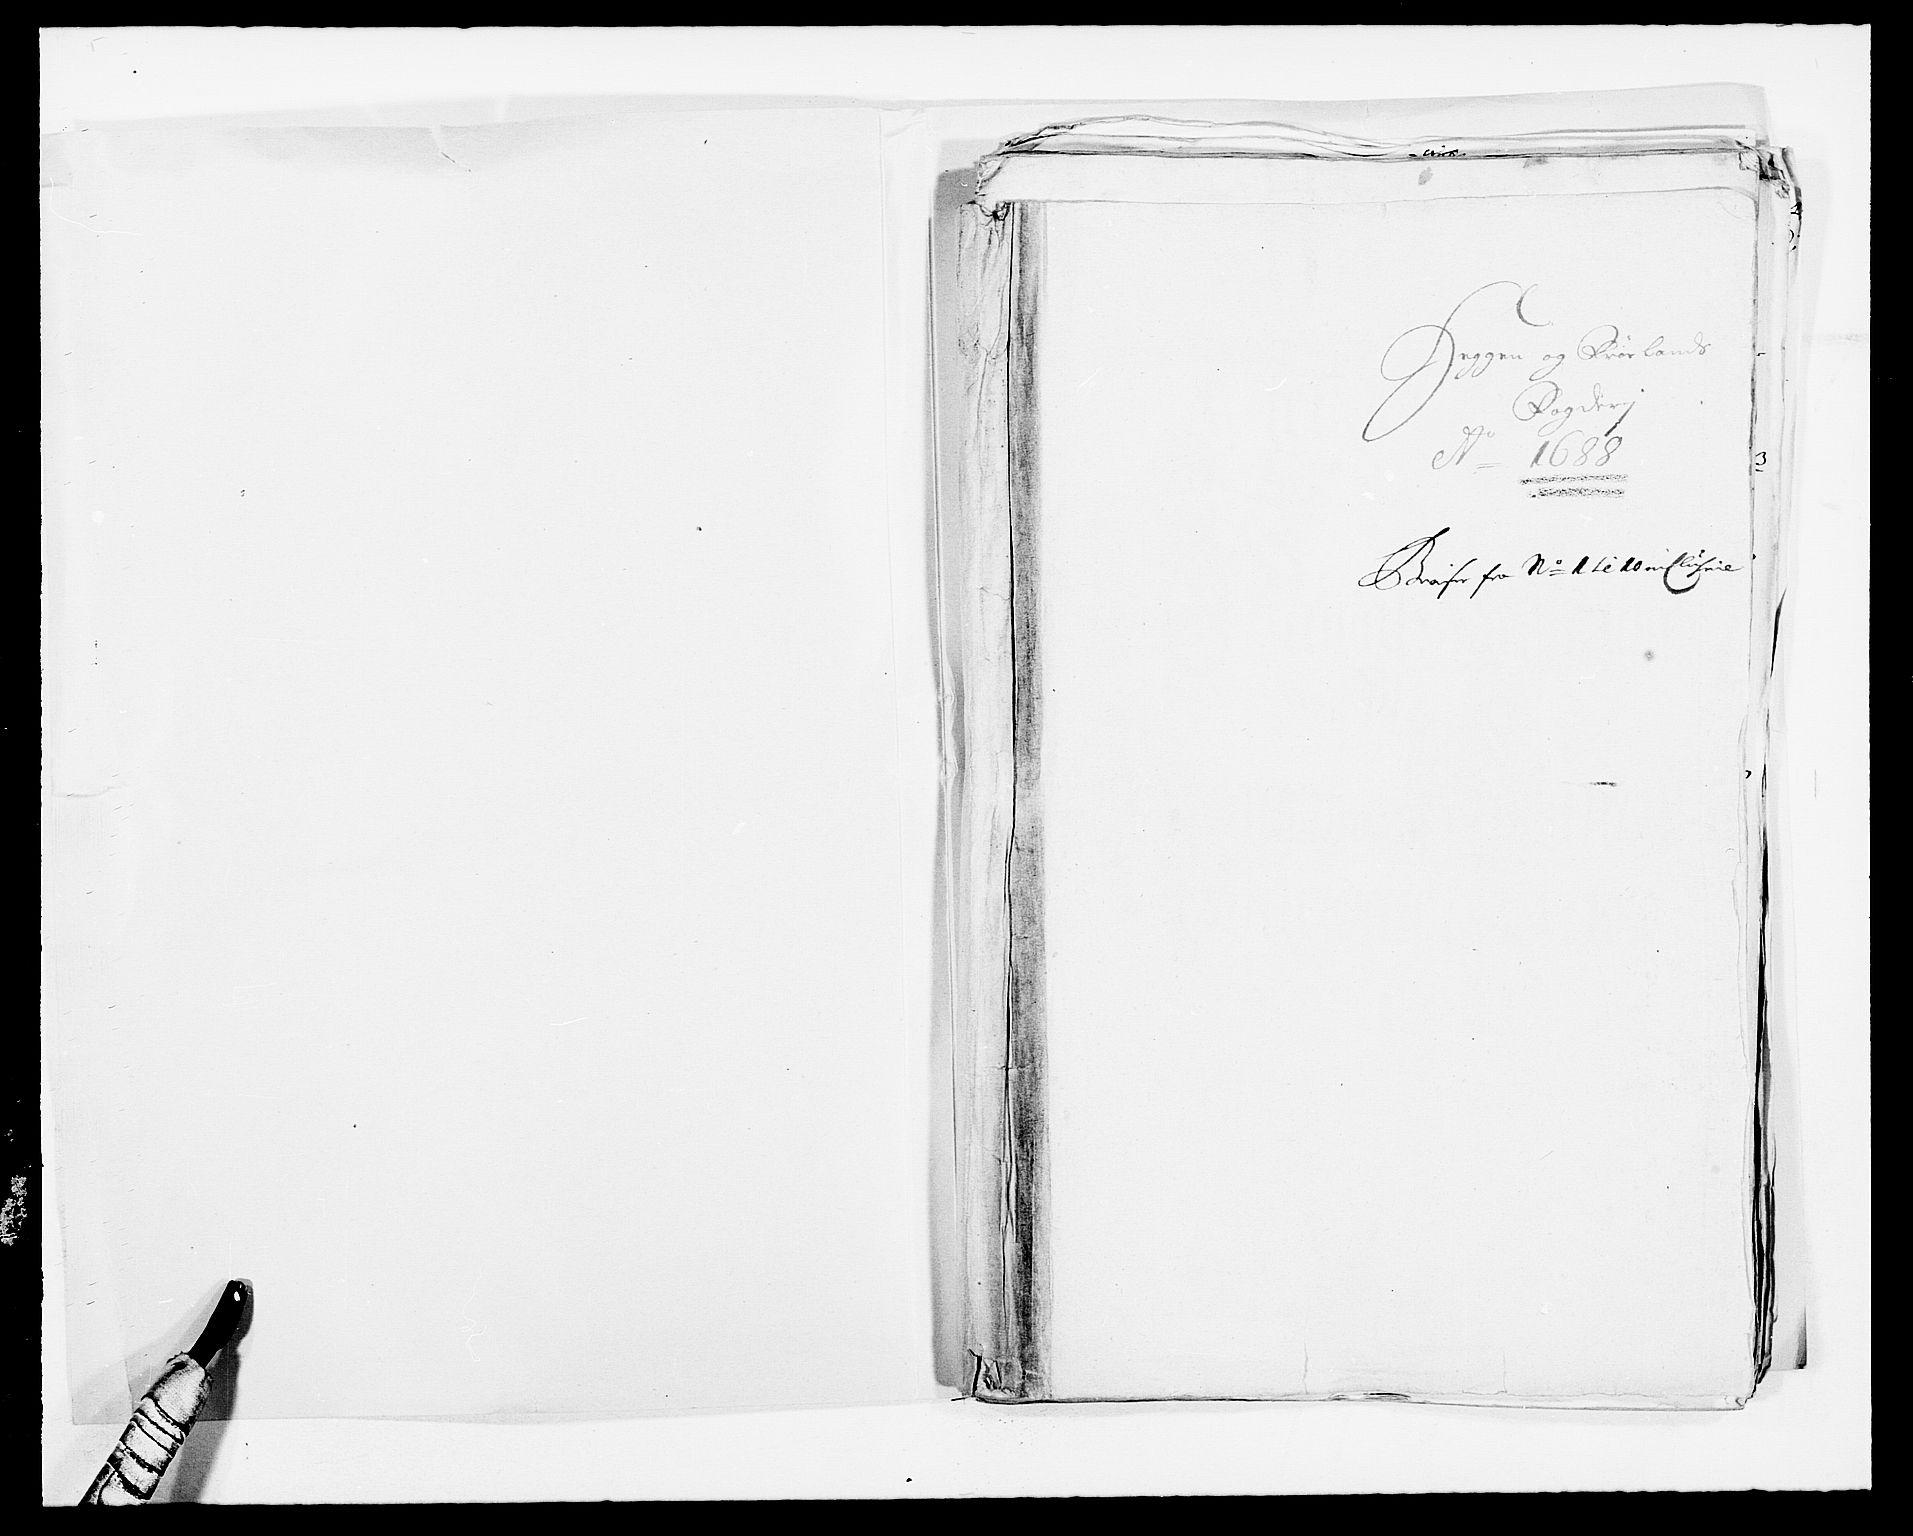 RA, Rentekammeret inntil 1814, Reviderte regnskaper, Fogderegnskap, R06/L0282: Fogderegnskap Heggen og Frøland, 1687-1690, s. 66